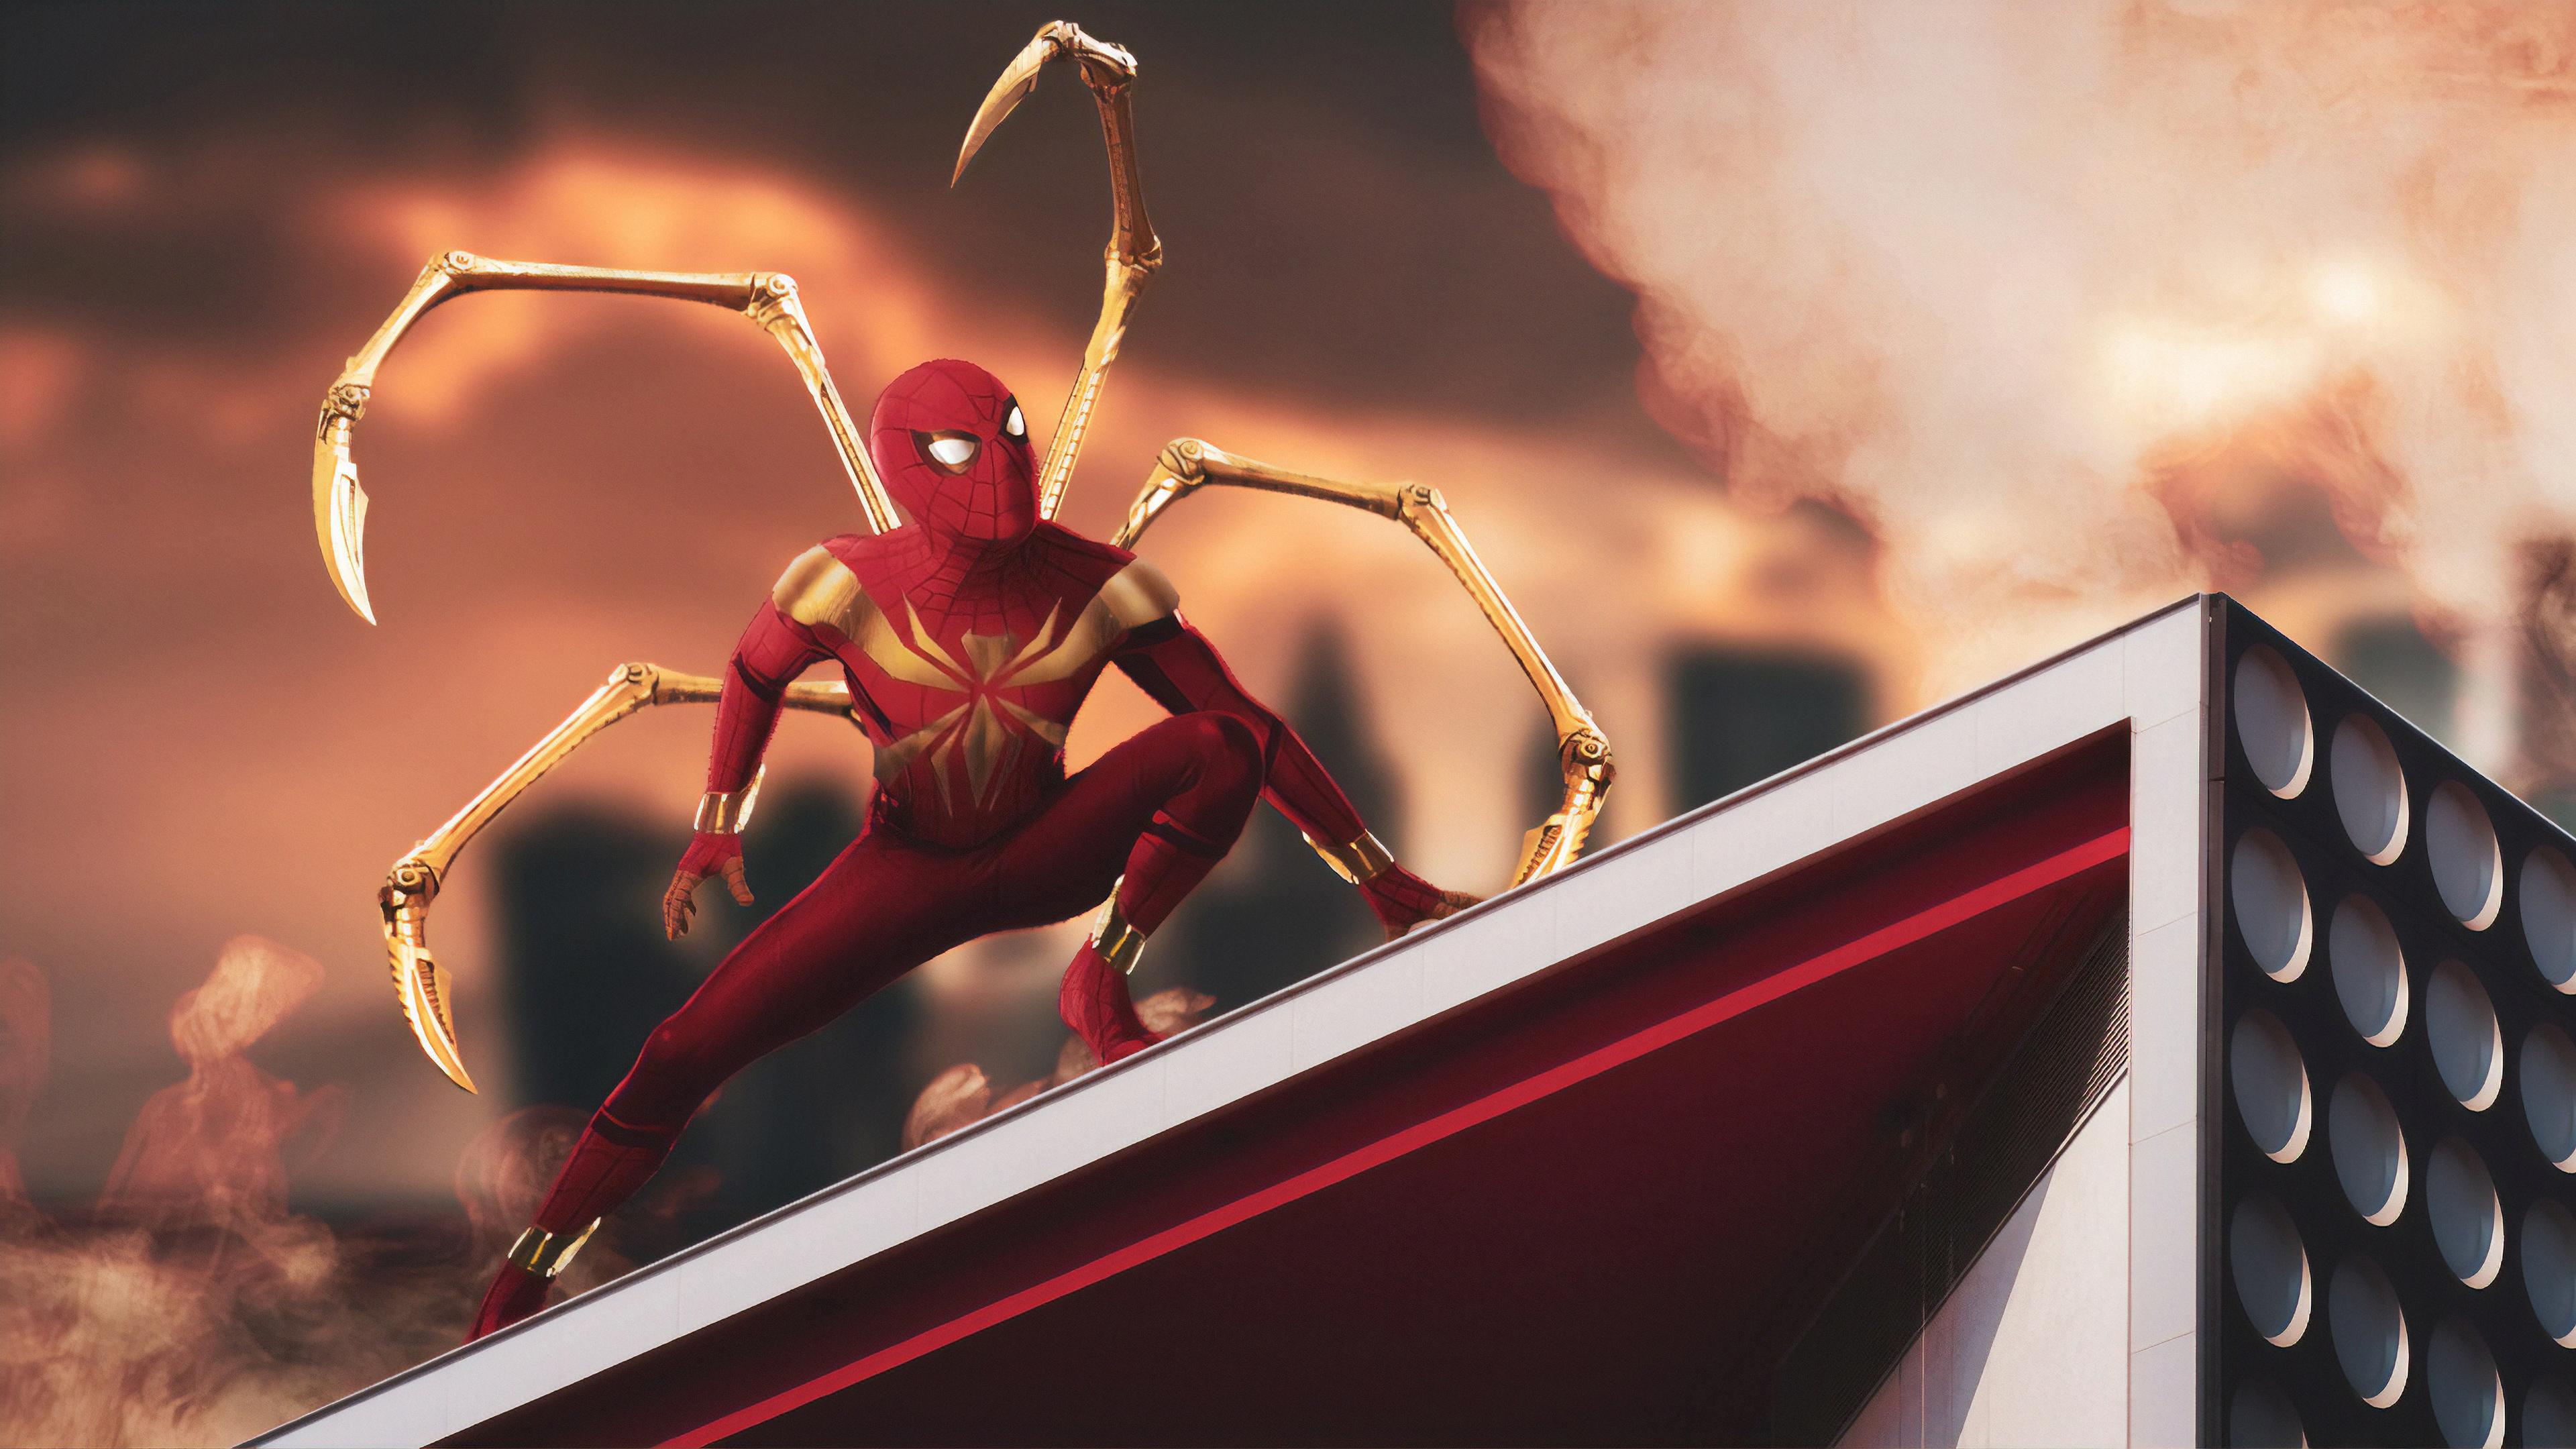 1152x864 Iron Spiderman Art 4k 1152x864 Resolution Hd 4k